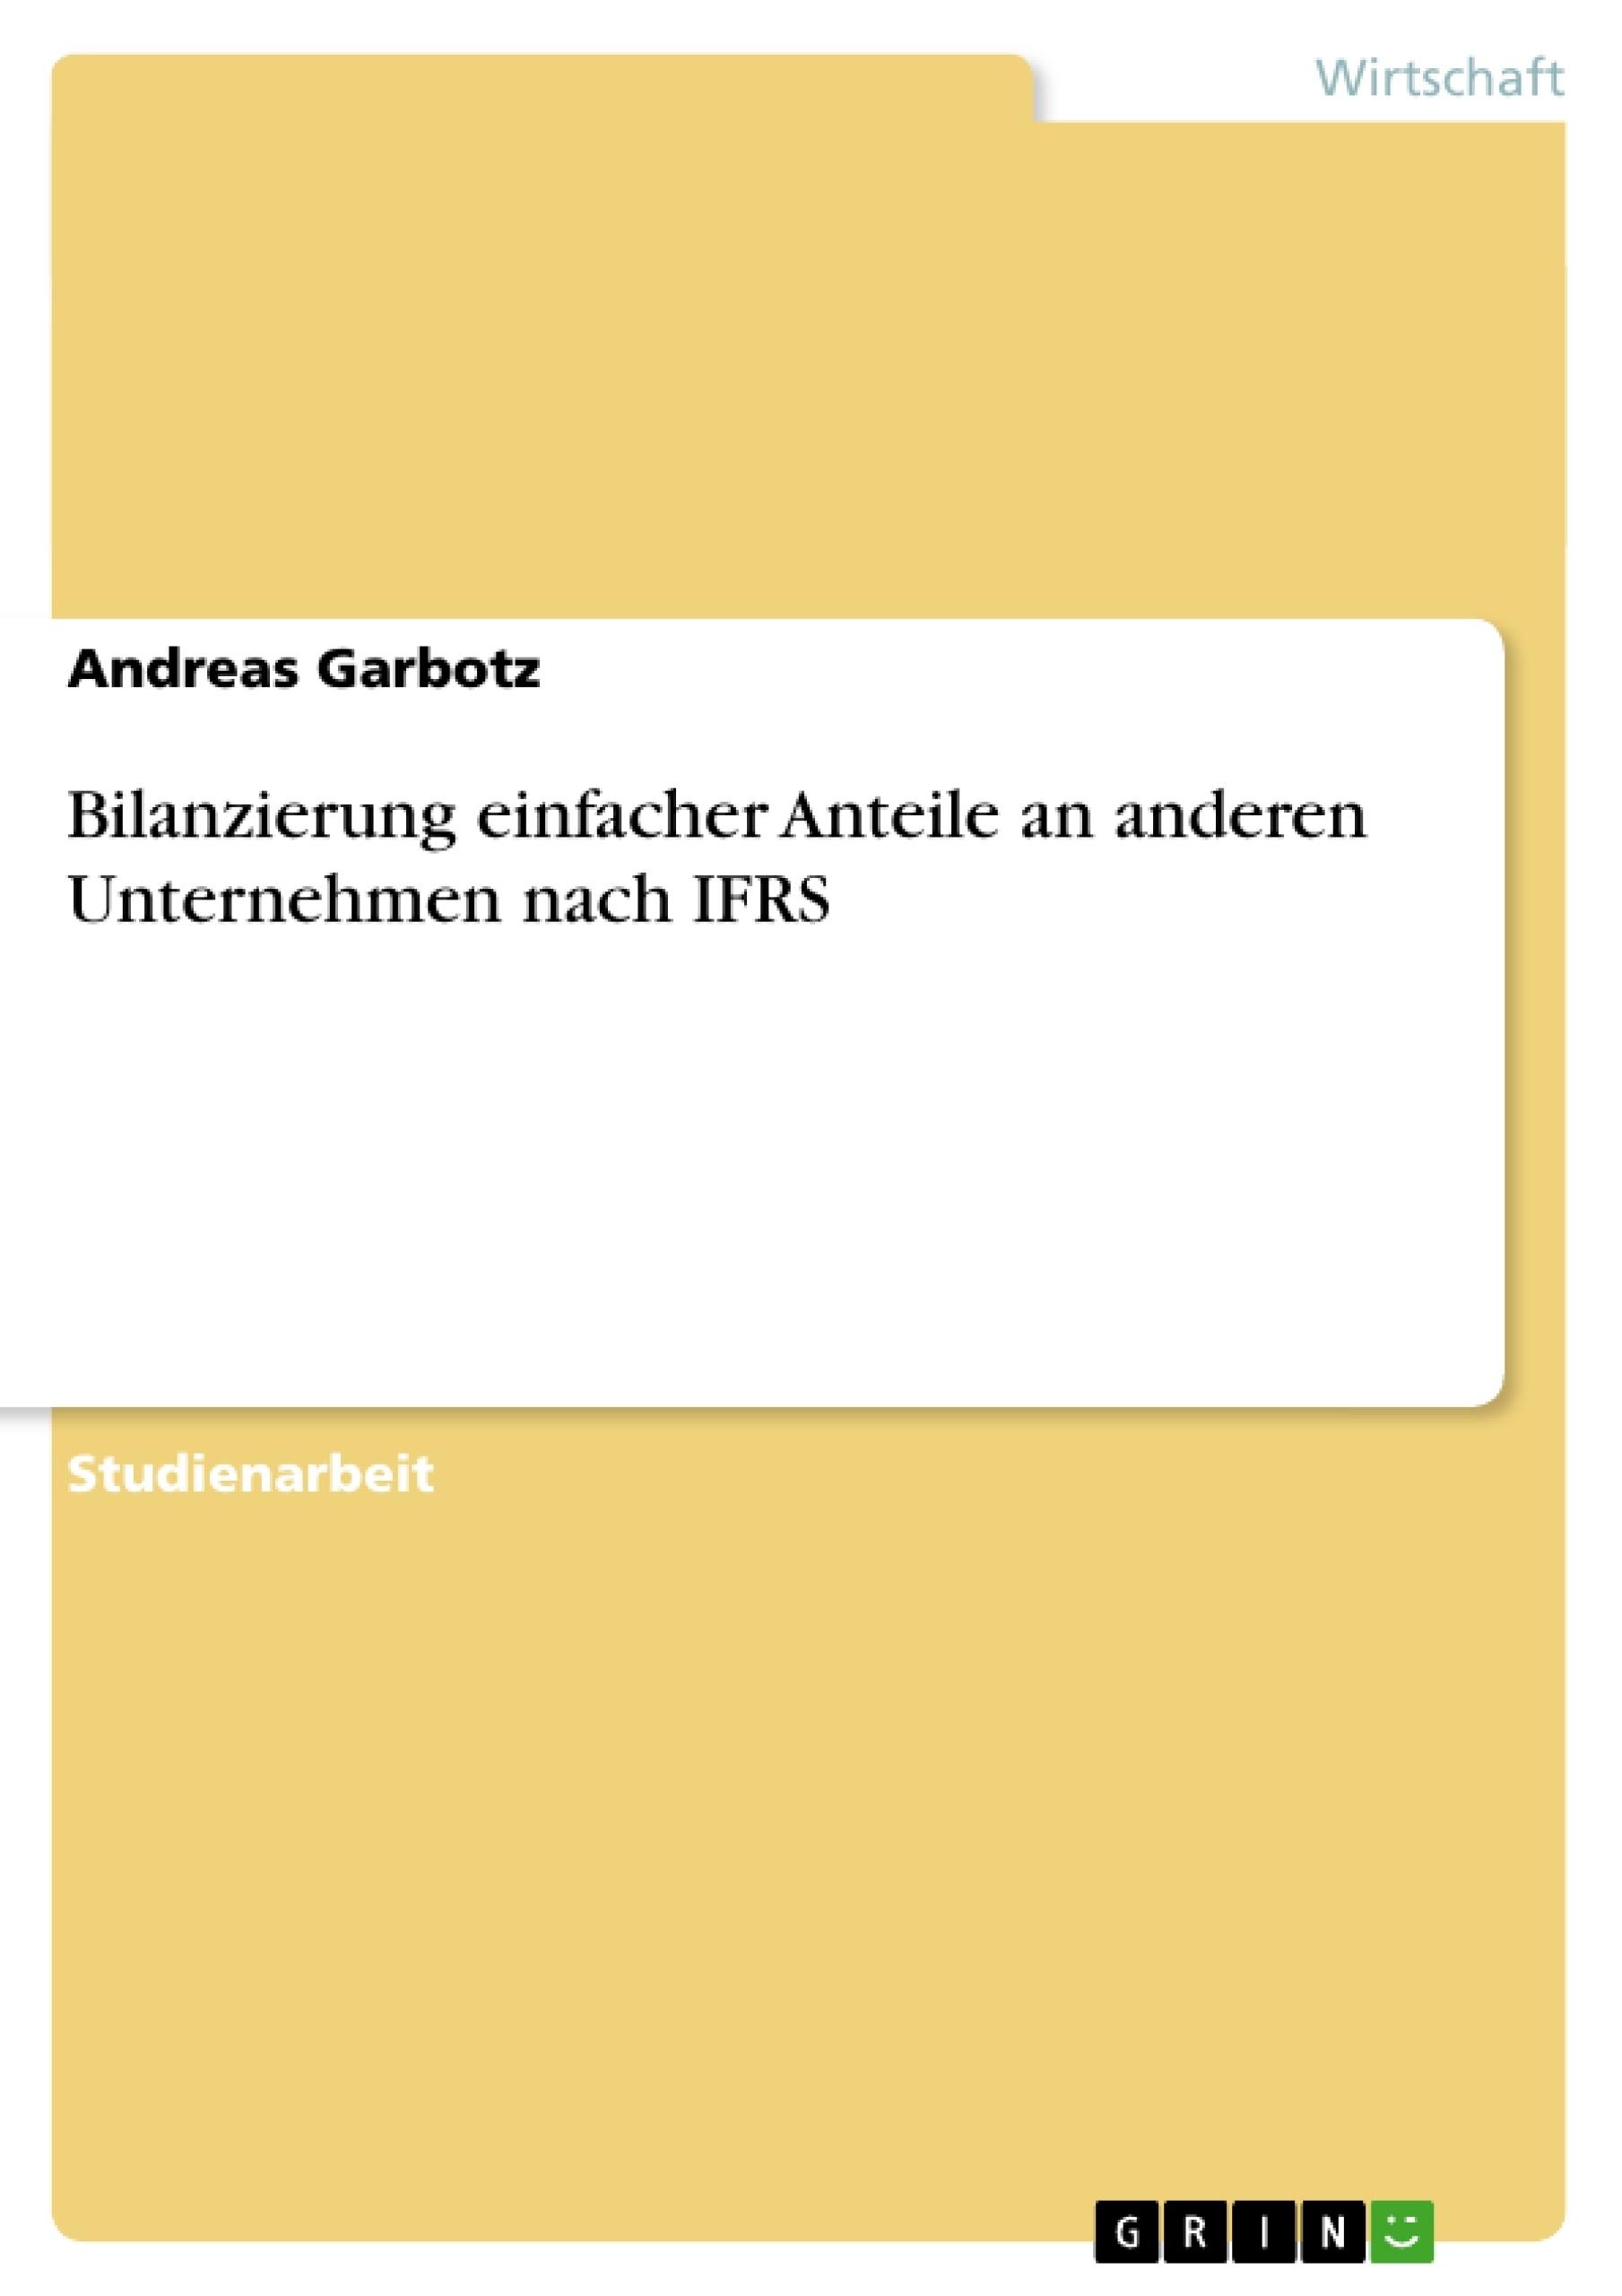 Titel: Bilanzierung einfacher Anteile an anderen Unternehmen nach IFRS